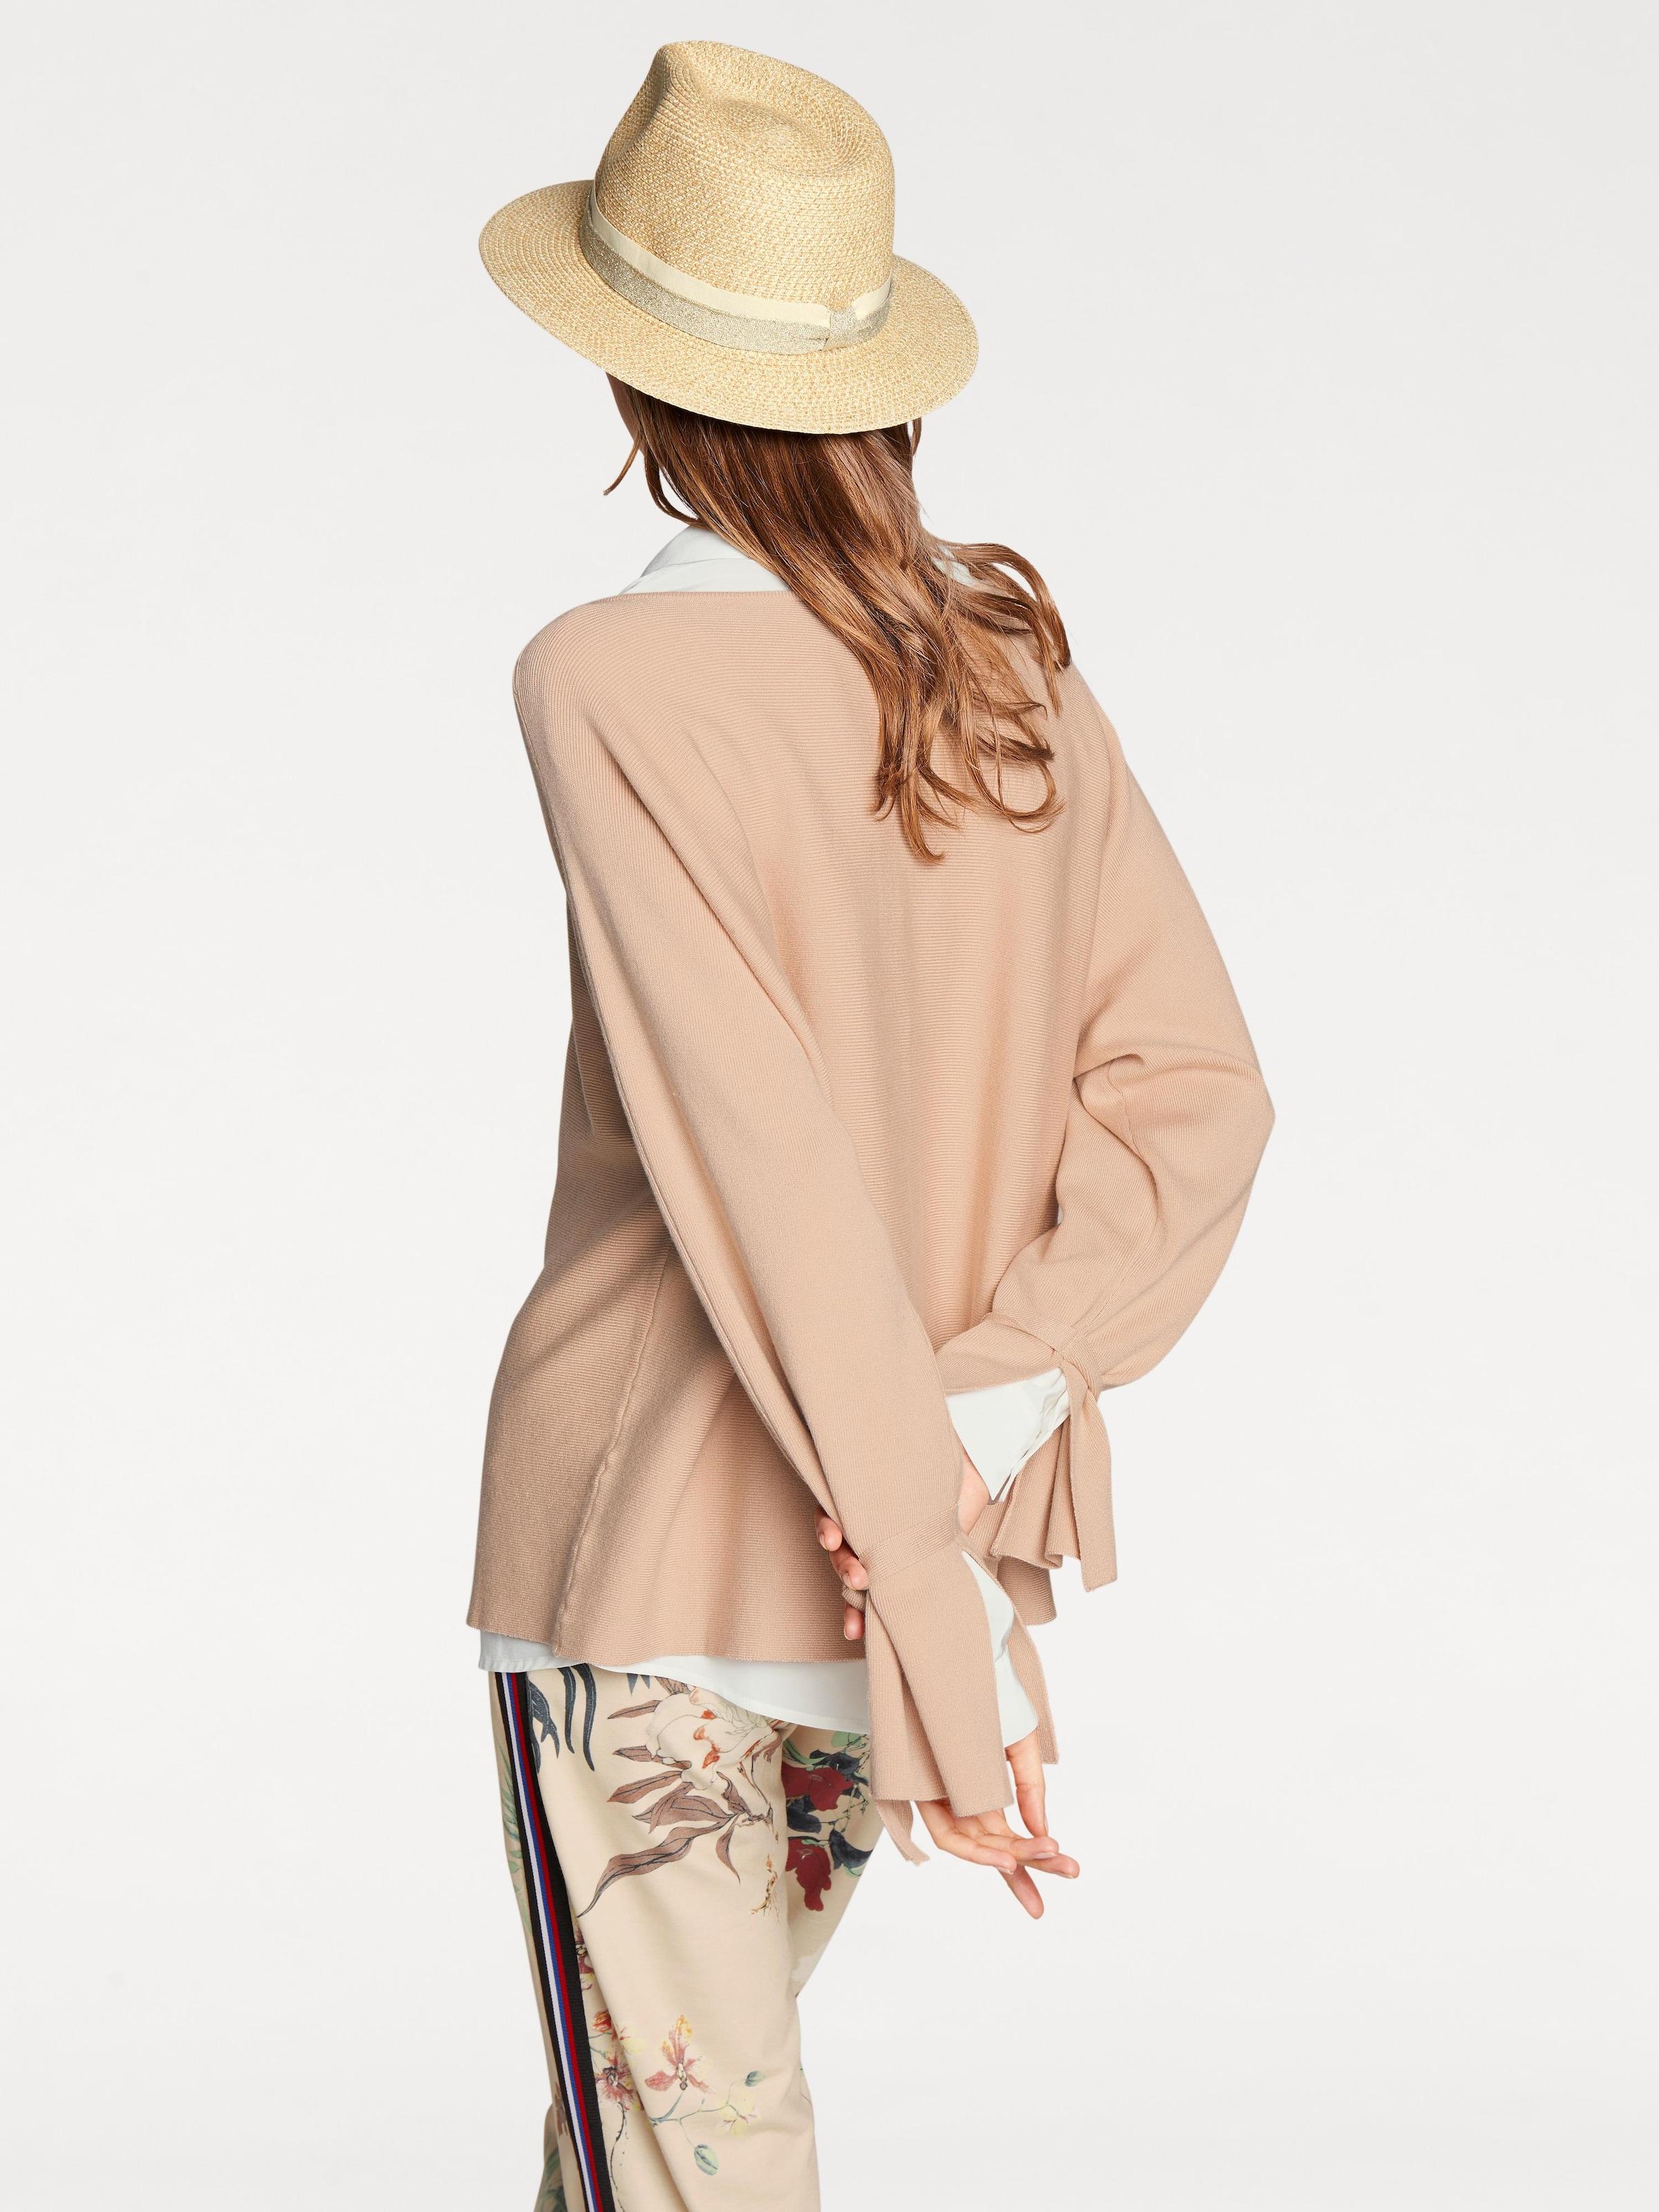 Amazon Günstig Online Rick Cardona by heine Oversized-Pullover Outlet Billige Qualität Frei Versandkosten Professionel 0z76DOsFY